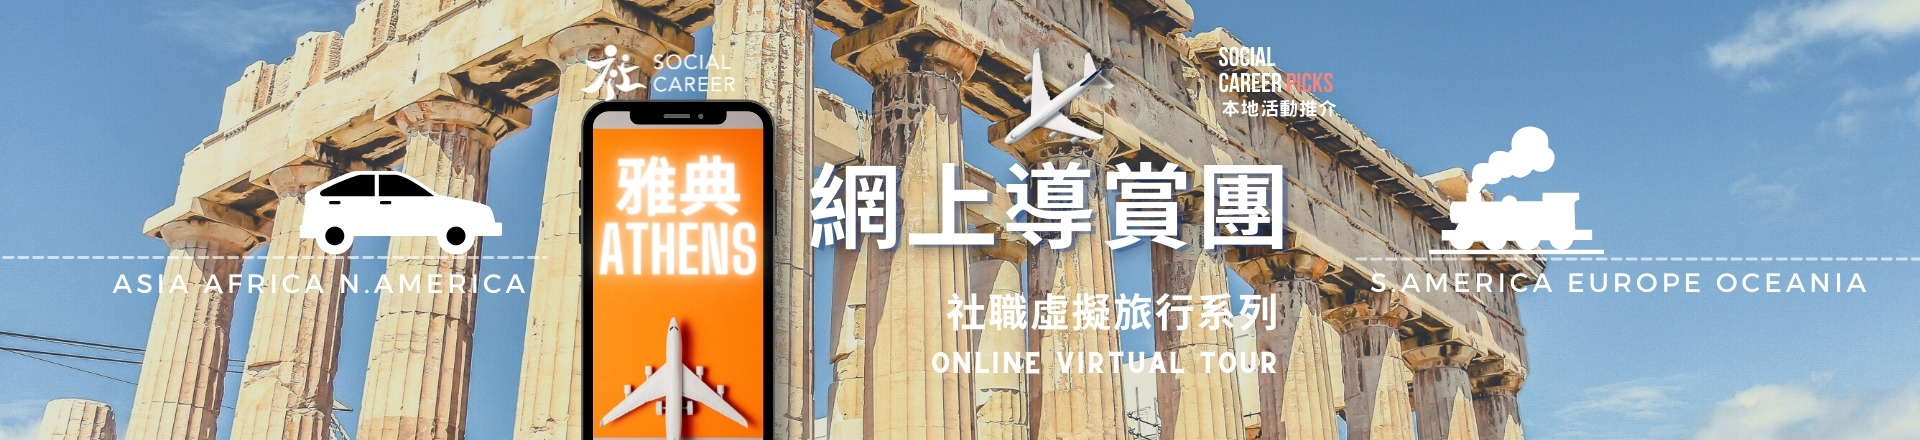 希臘雅典虛擬之旅 網上虛擬導賞團